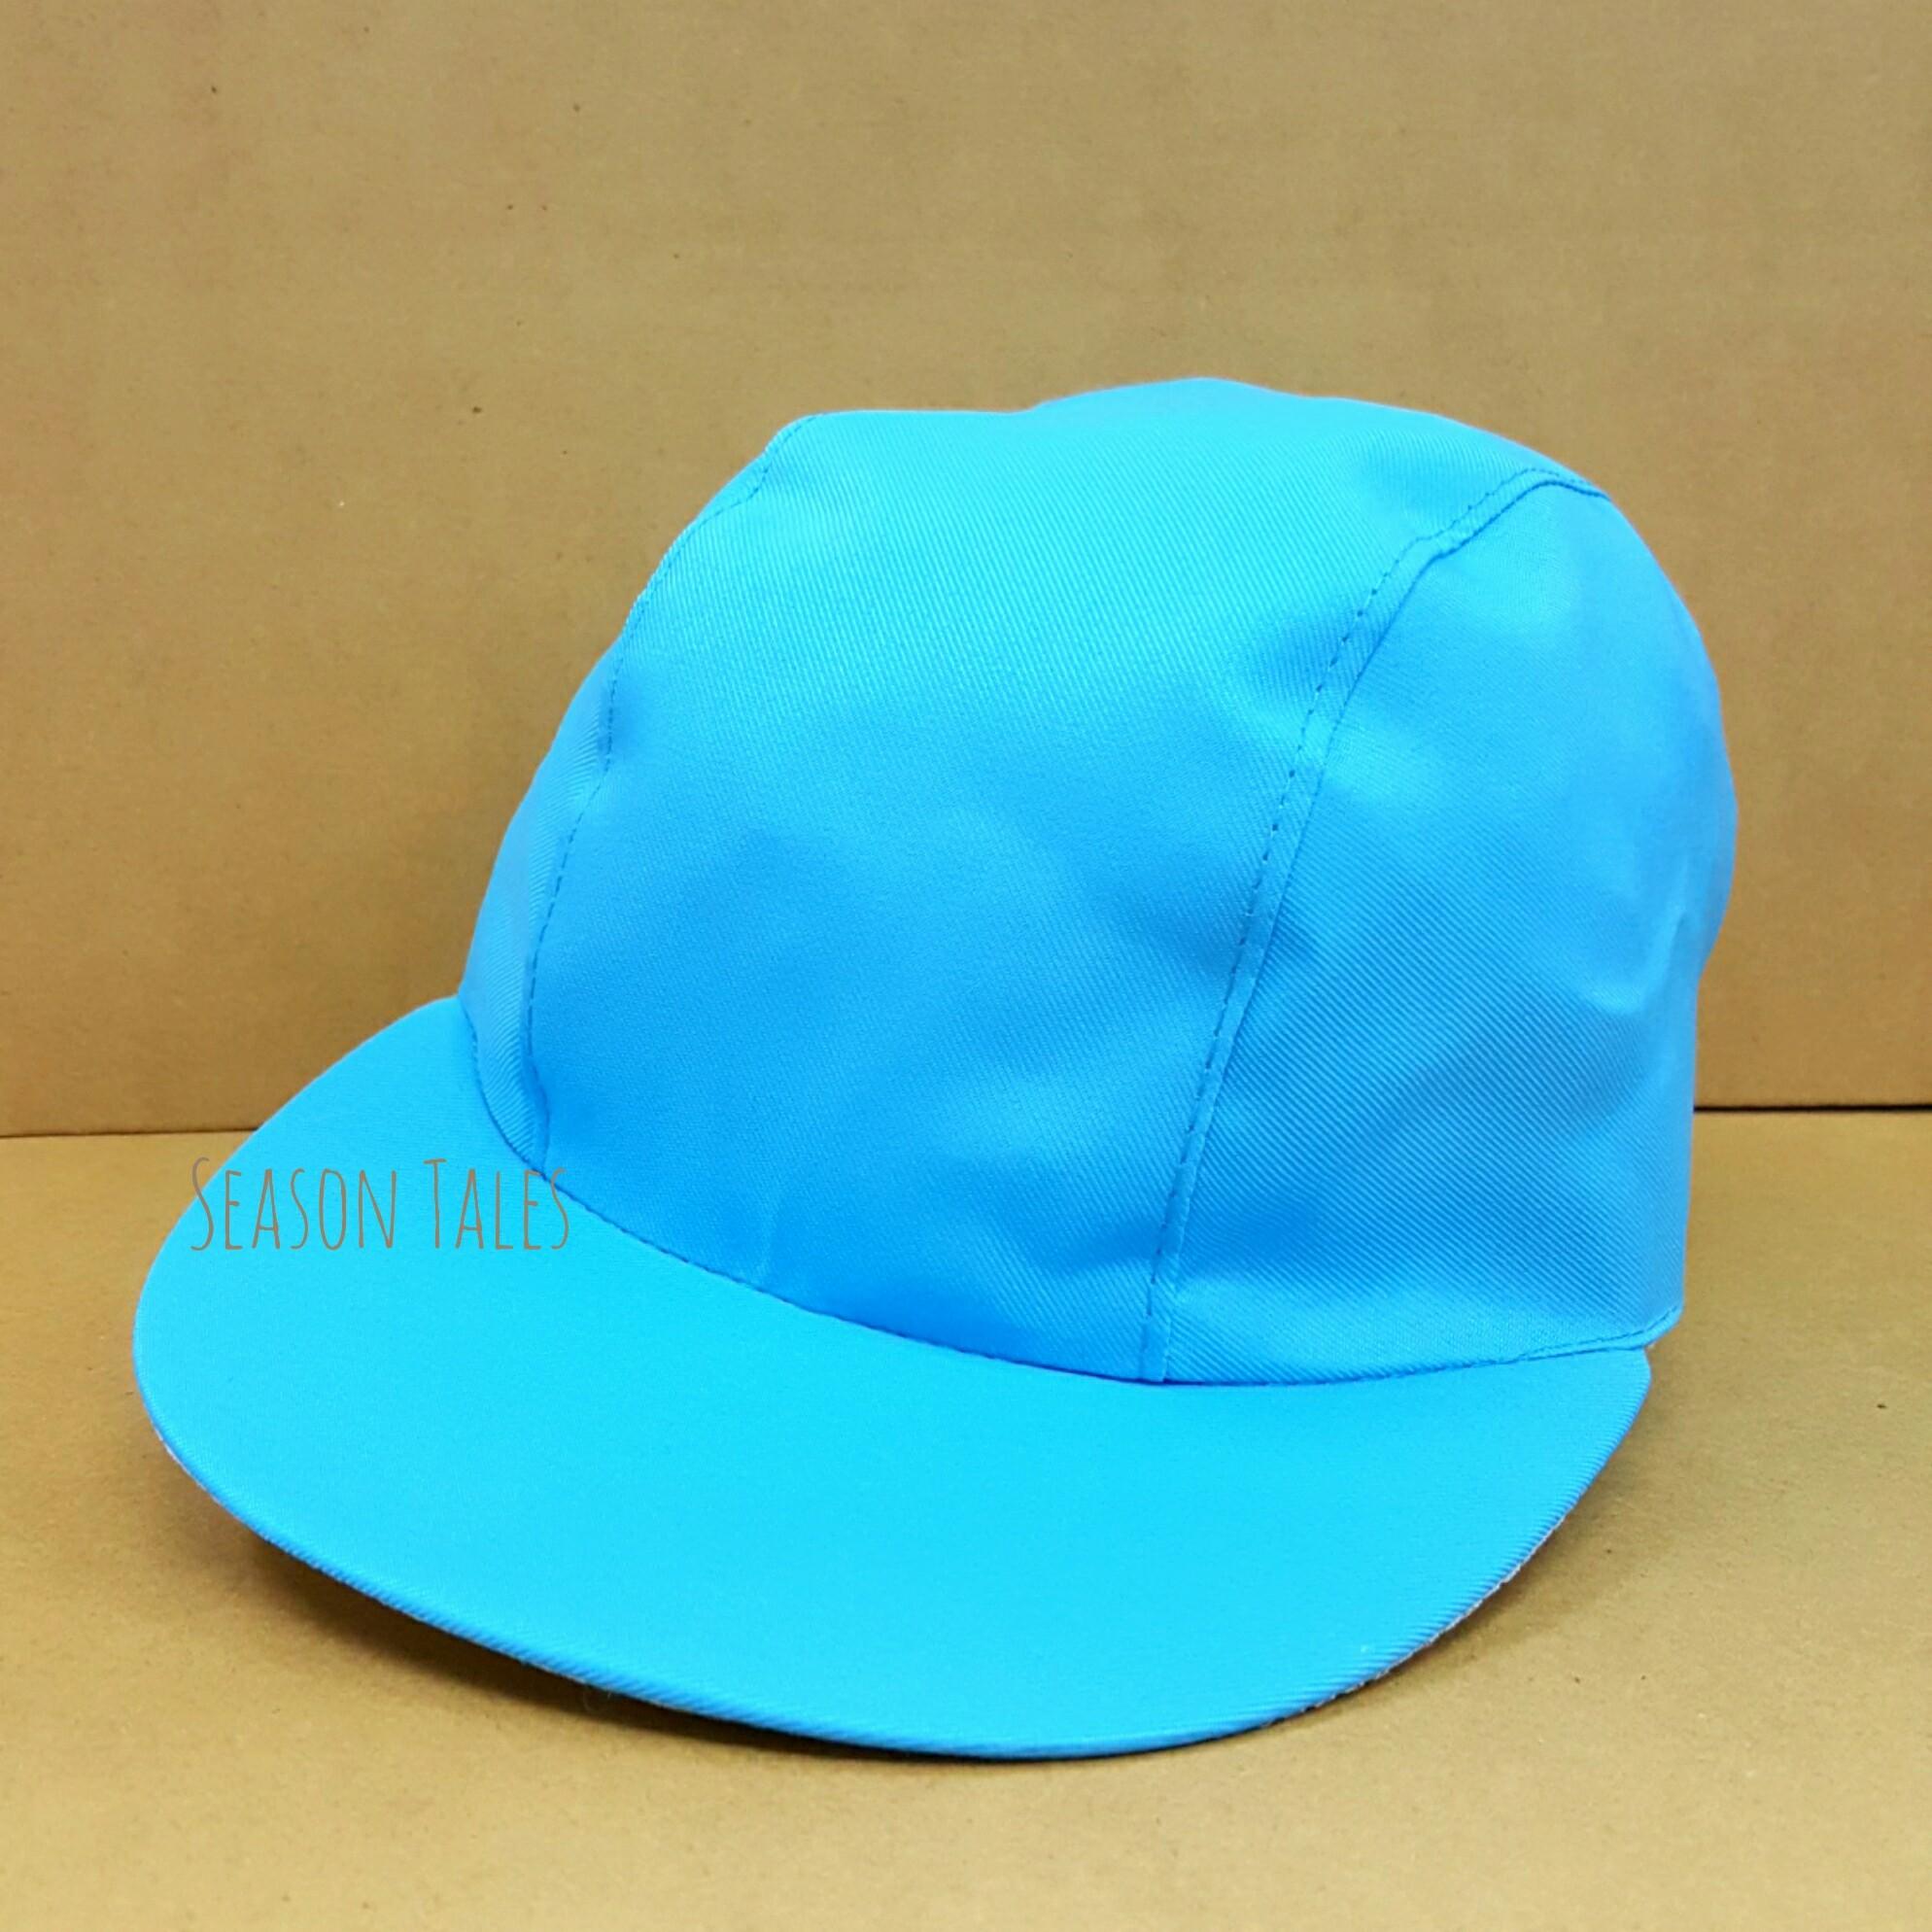 หมวกแก๊ป กีฬาสี สีฟ้า ราคาถูกสุดๆ (สั่งในเว็บไม่ได้ สั่งผ่านLine/Telเท่านั้น)